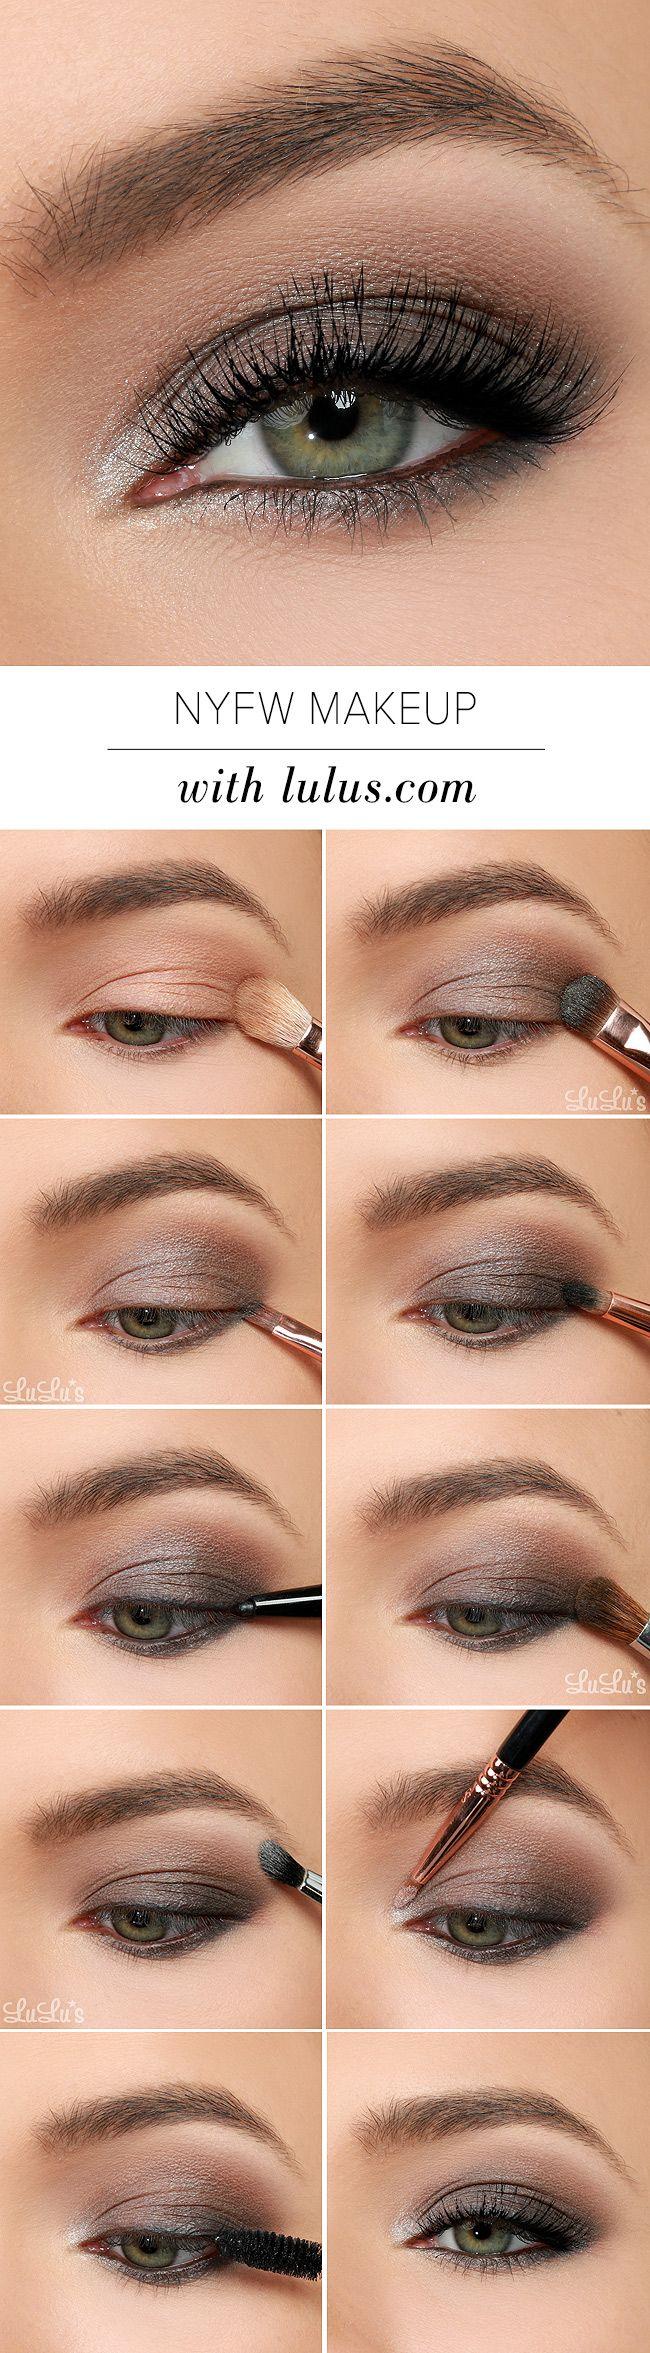 step-by-step makeup tutorial